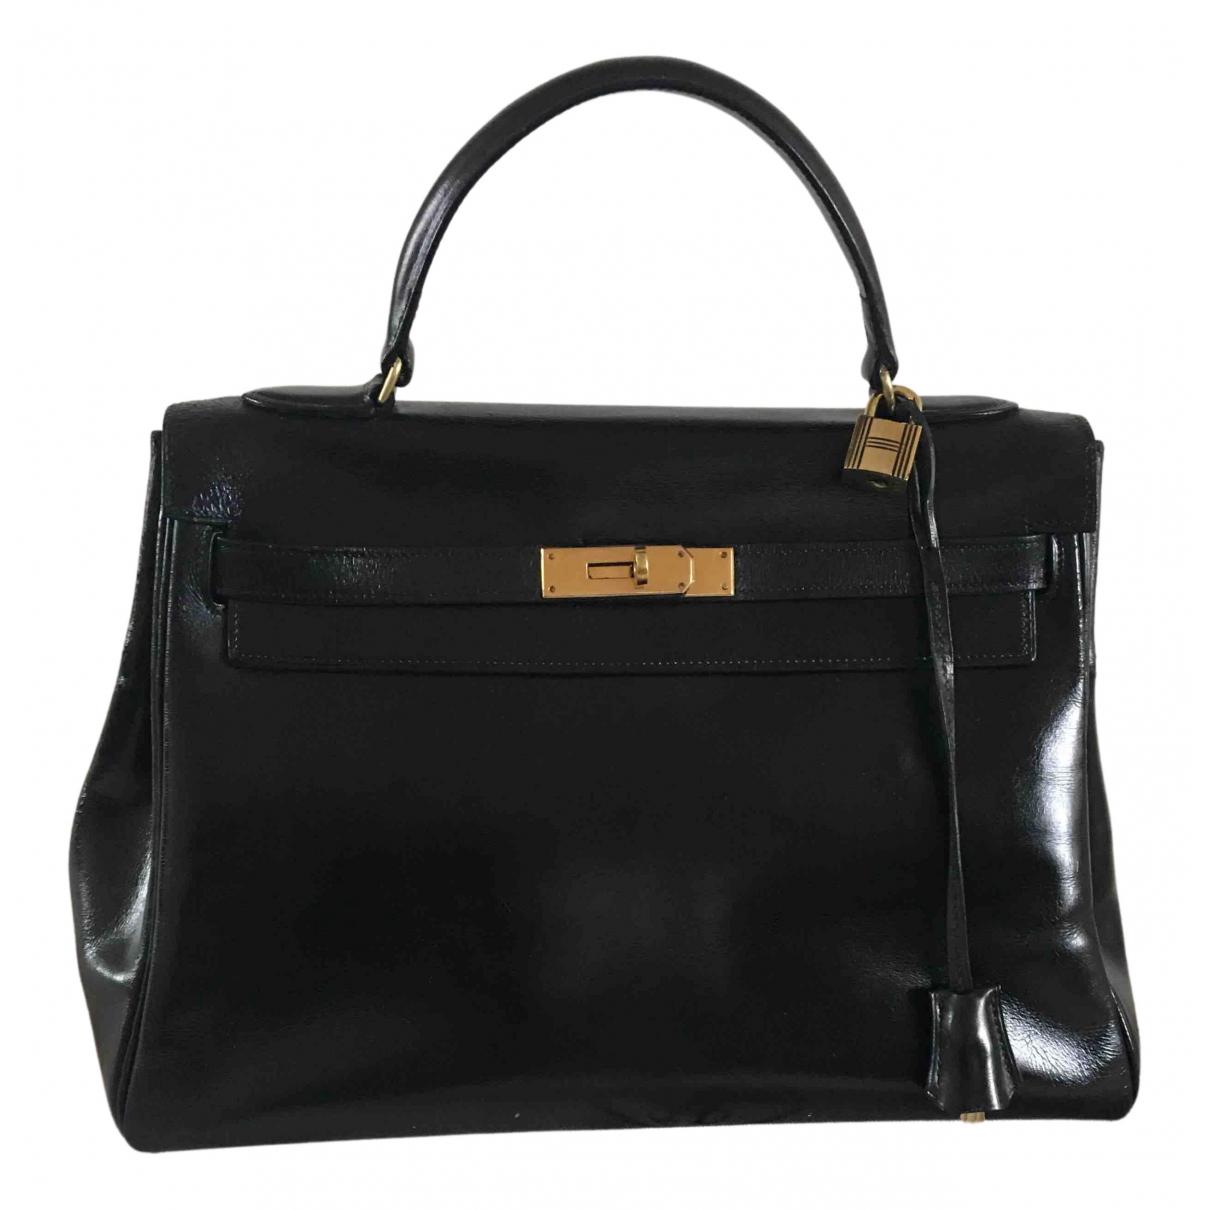 Hermes - Sac a main Kelly 32 pour femme en cuir - noir